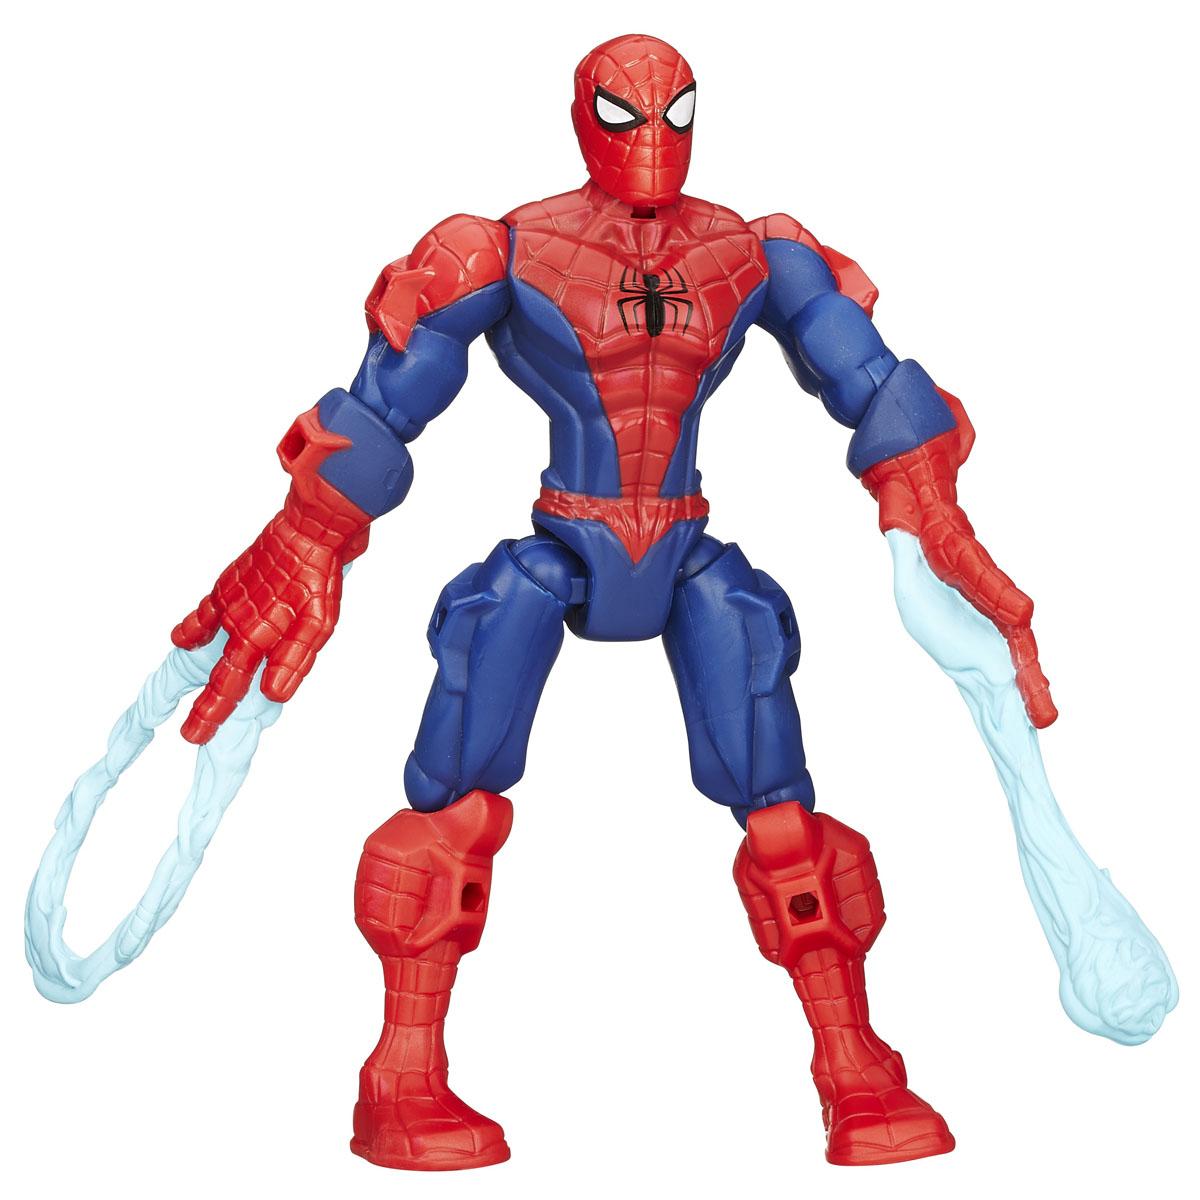 Разборная фигурка Super Hero Mashers Spider-ManA6825EU4_B0690Разборная фигурка Super Hero Mashers Spider-Man обязательно понравится любому маленькому поклоннику комиксов и мультфильмов о супергероях! Фигурка выполнена из прочного пластика в виде могучего супергероя Человека-Паука. Голова, руки и ноги фигурки подвижны, вращаются и сгибаются, а также отделяются от корпуса. Фигурка совместима с другими фигурками из серии Super Hero Mashers. Собрав коллекцию фигурок от Hasbro, вы сможете создать своего супергероя, объединяя способности разных героев комиксов Marvel. Все элементы обладают единым способом крепления, что позволяет создавать различные комбинации. Ребенок с удовольствием будет играть с фигуркой, придумывая разные истории. Порадуйте его таким замечательным подарком!